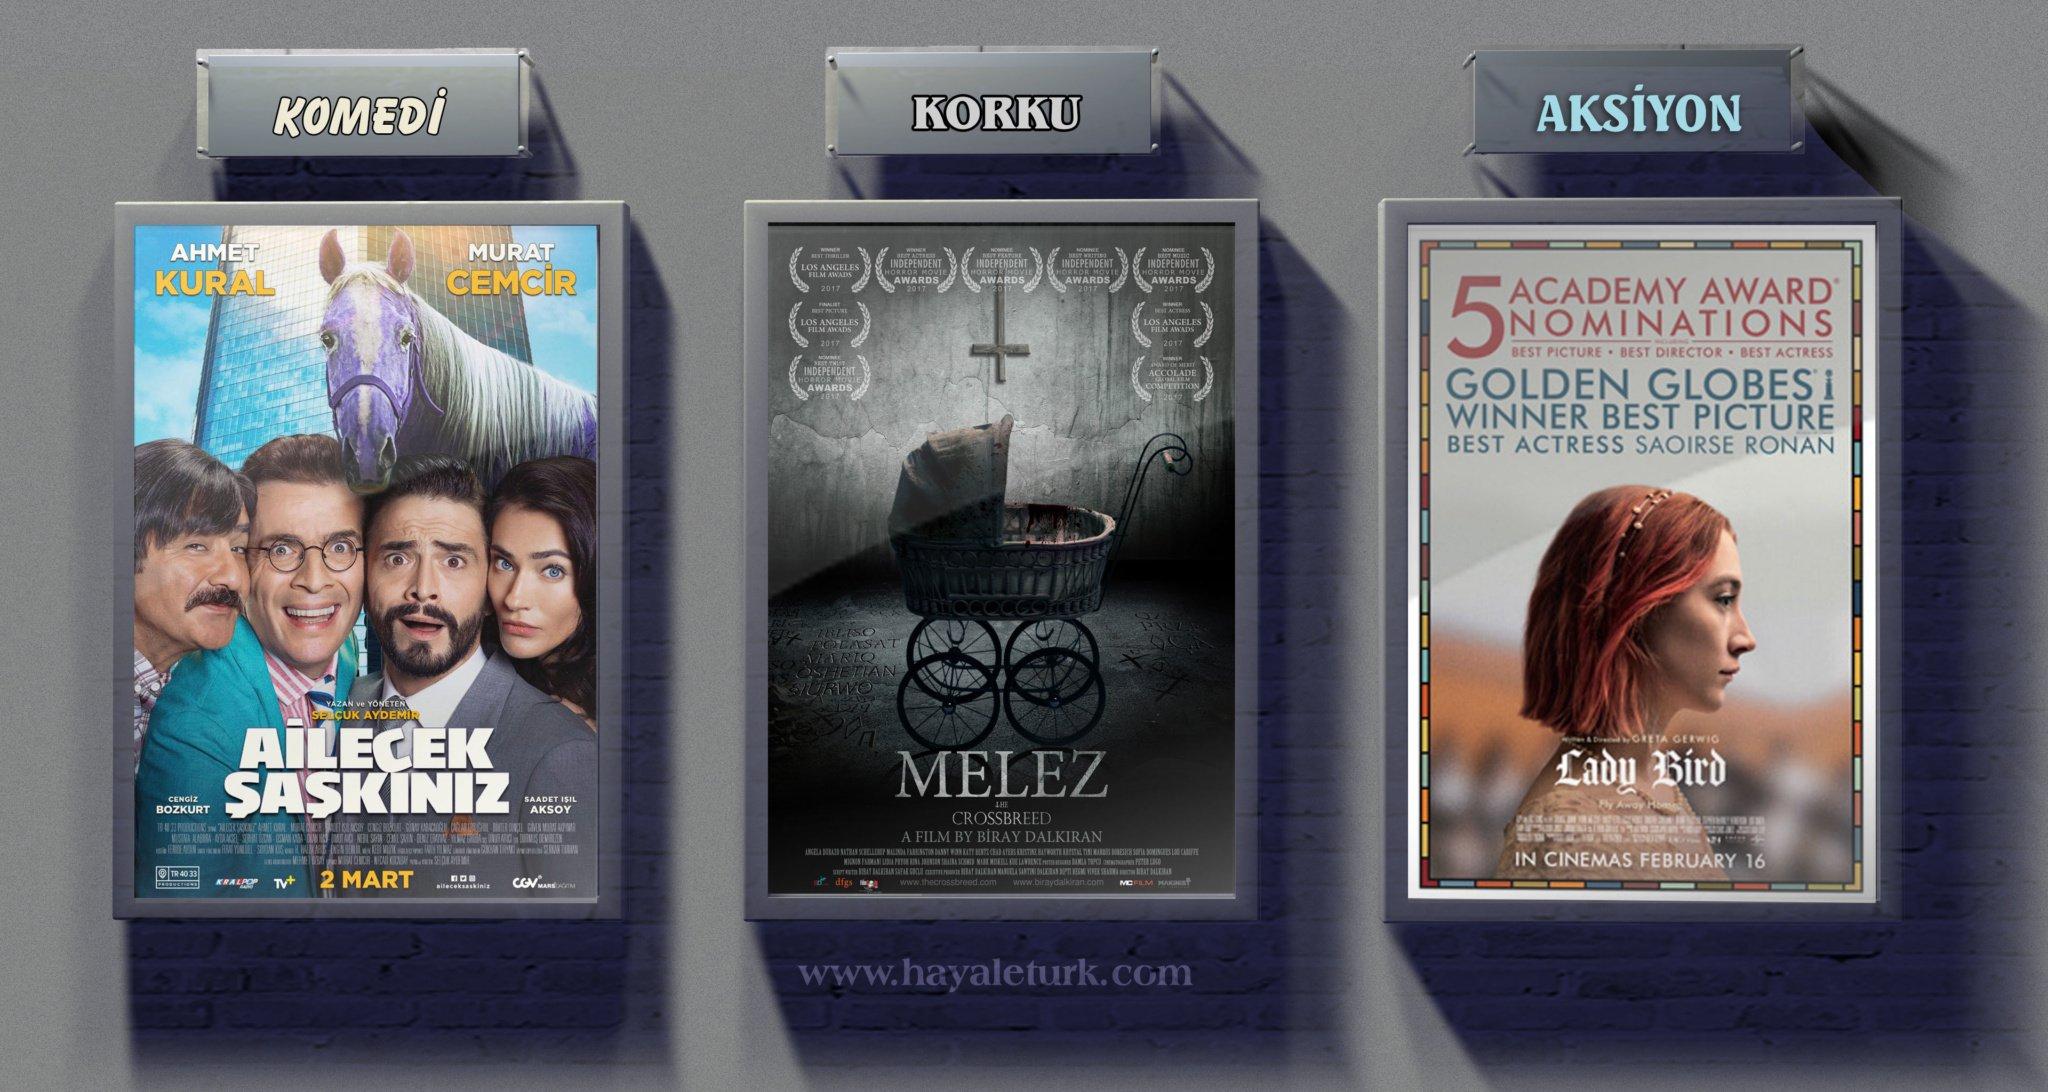 Sinemalarda bu hafta 7 Film Vizyonda 2 - 9 Mart 2018